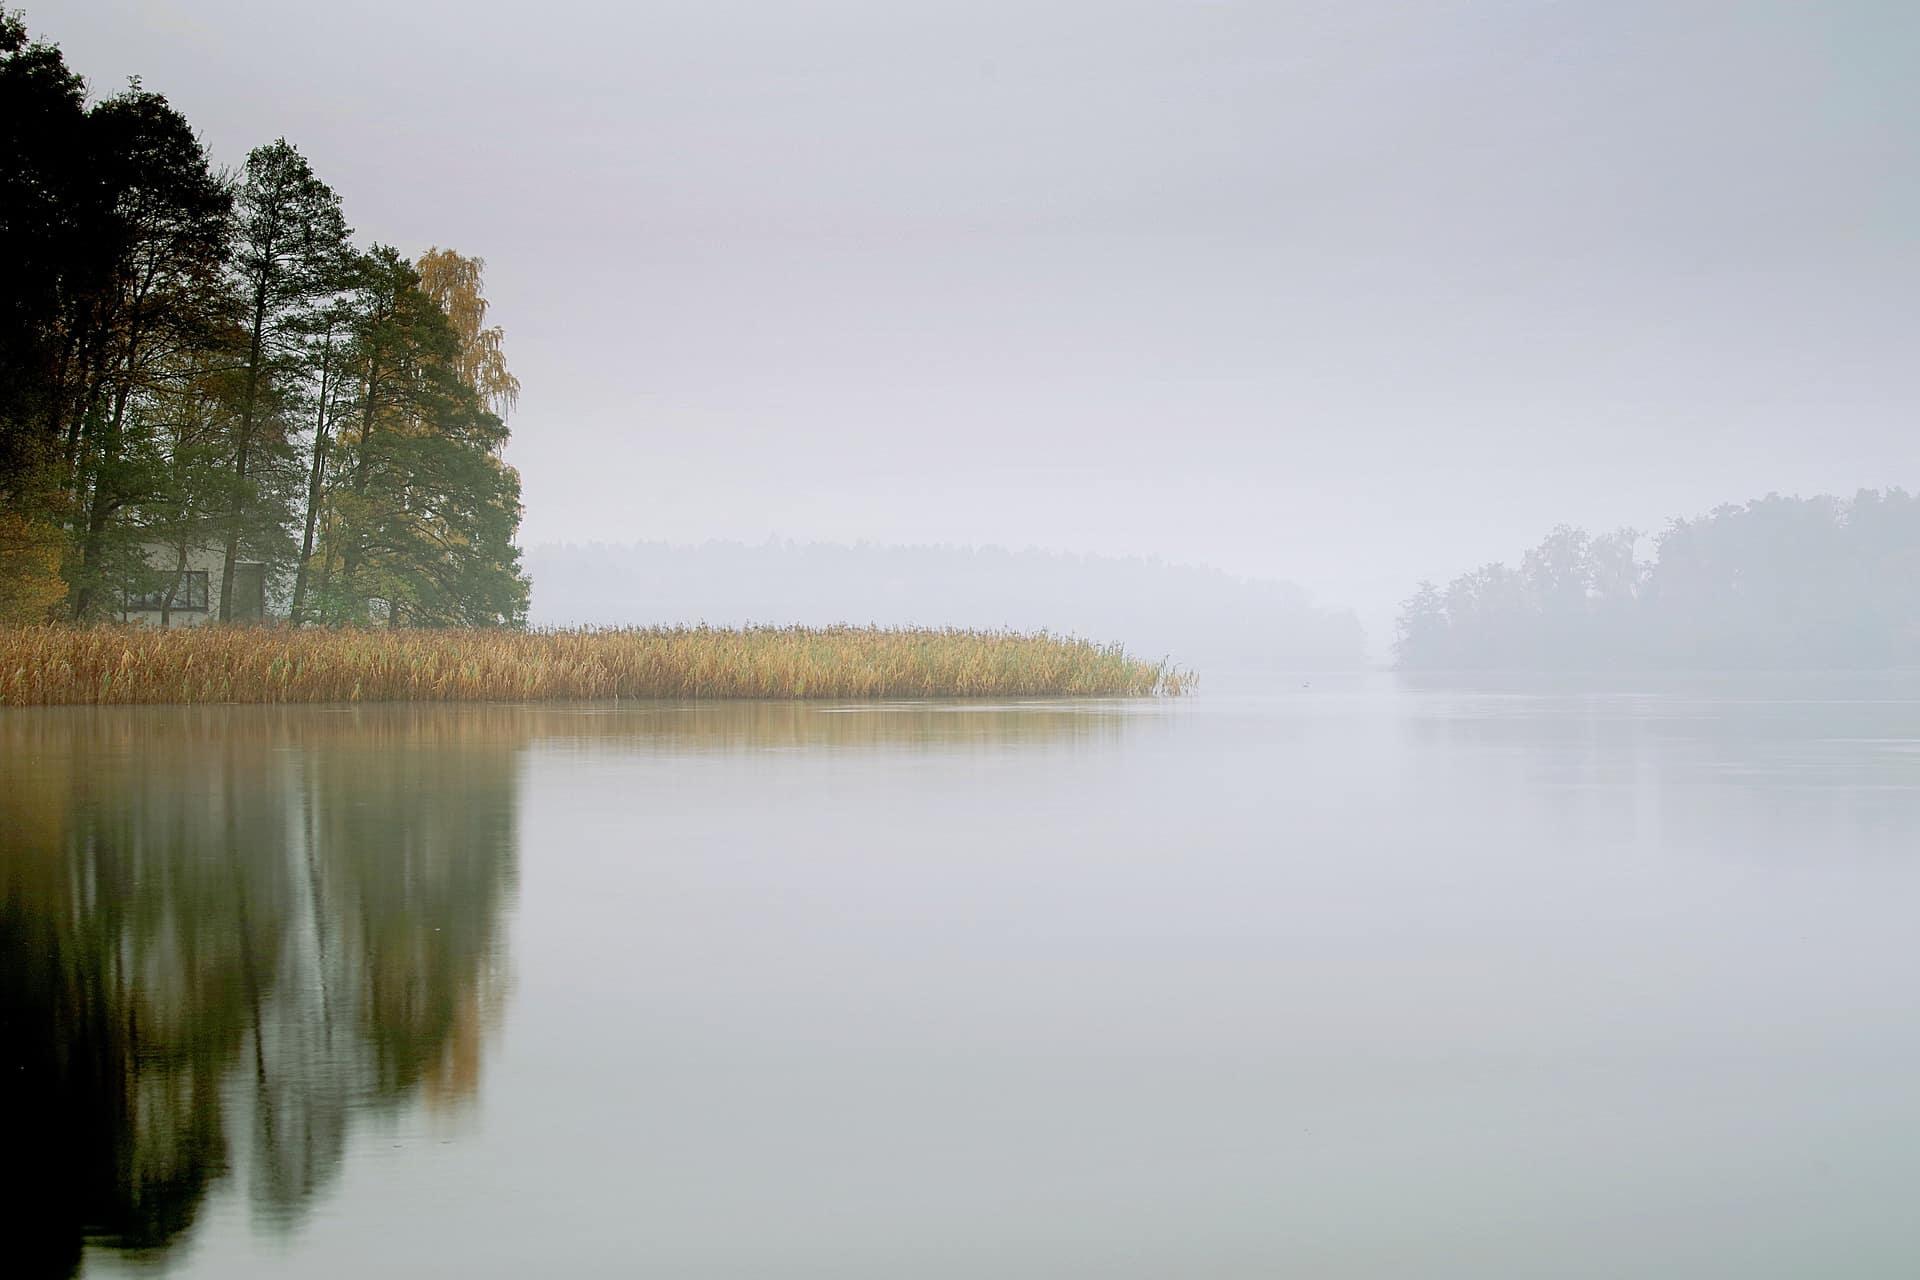 Angelschein Wismar - Nebeliger See